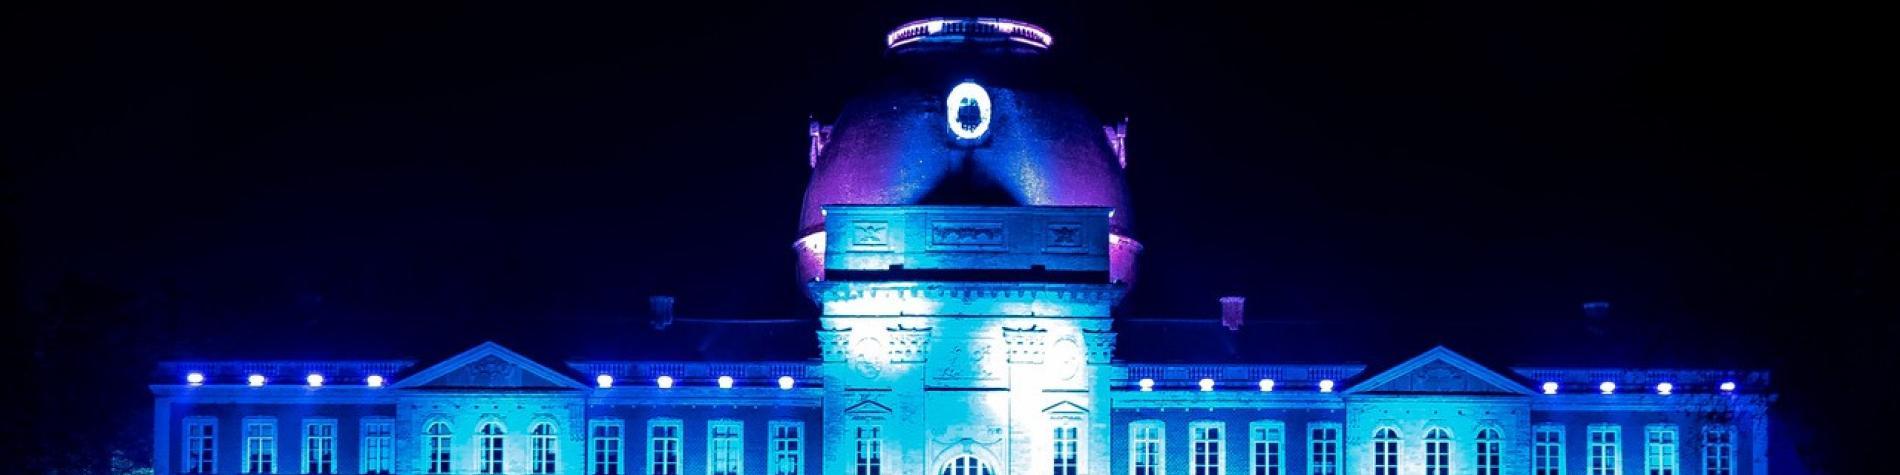 Château d'Hélécine - vue extérieure nuit